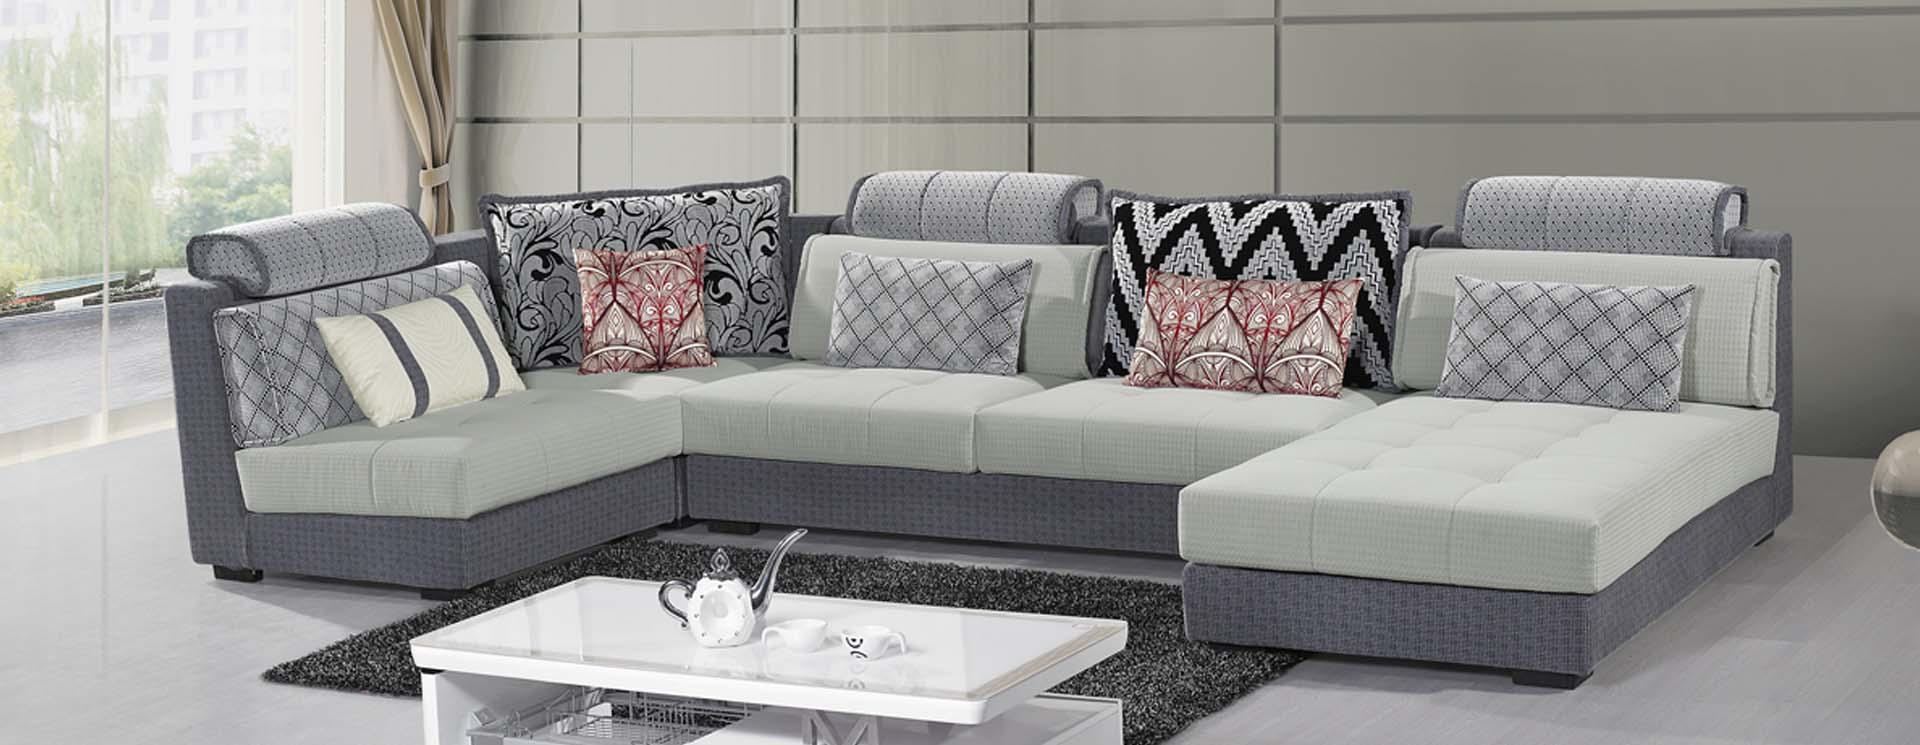 名称:沙发E-802A#<br/> 市场价:<font style='color:#999;text-decoration:line-through;'>¥0</font><br />全国统一零售价:<font color='Red'>¥0.0</font>